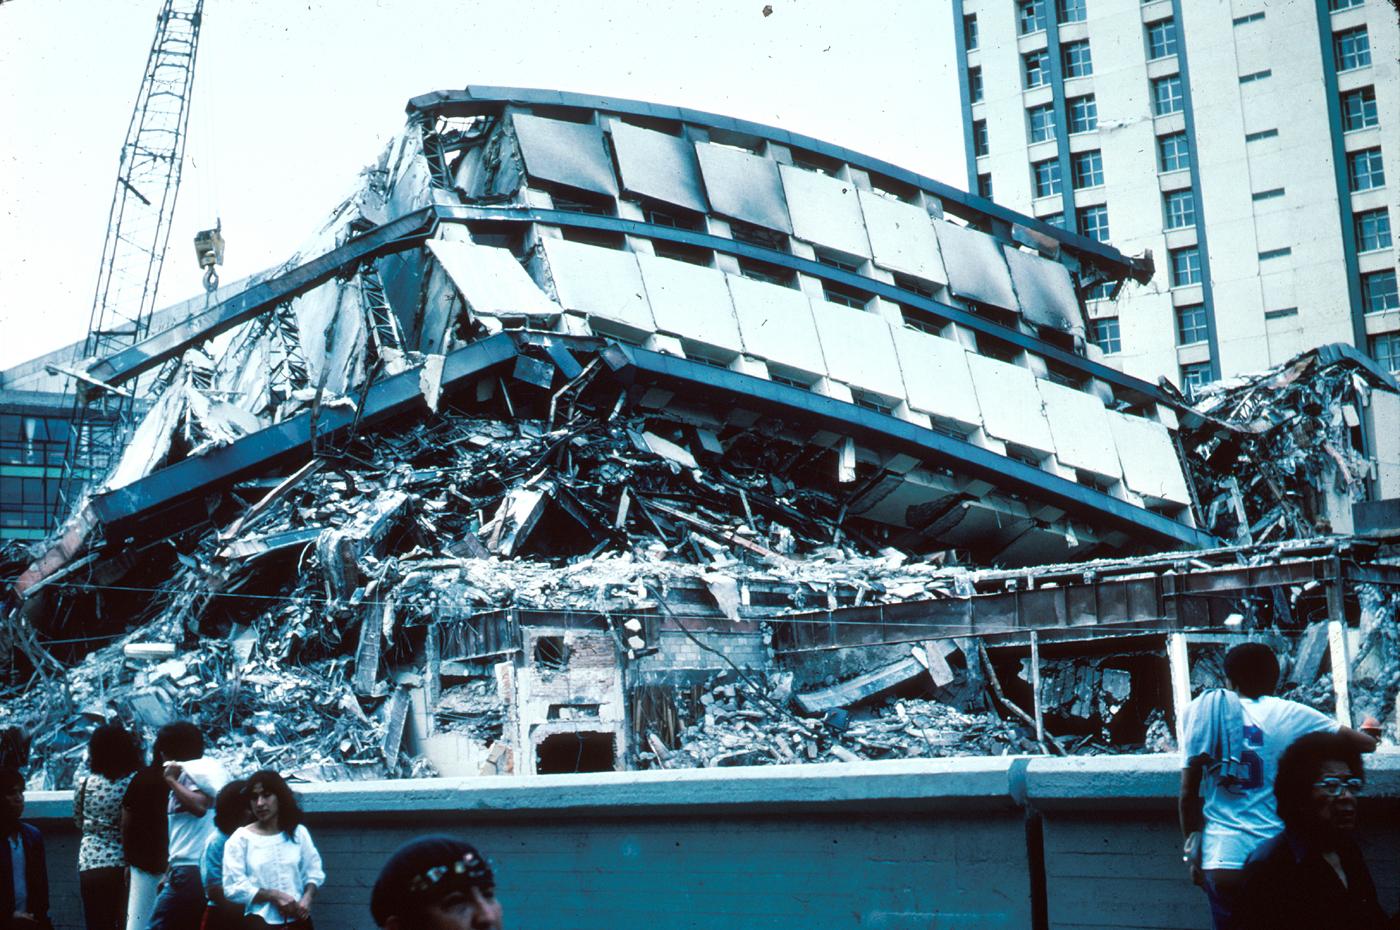 Conjunto Pino Suárez colapsado en el terremoto de 1985 en la  Ciudad de México   .